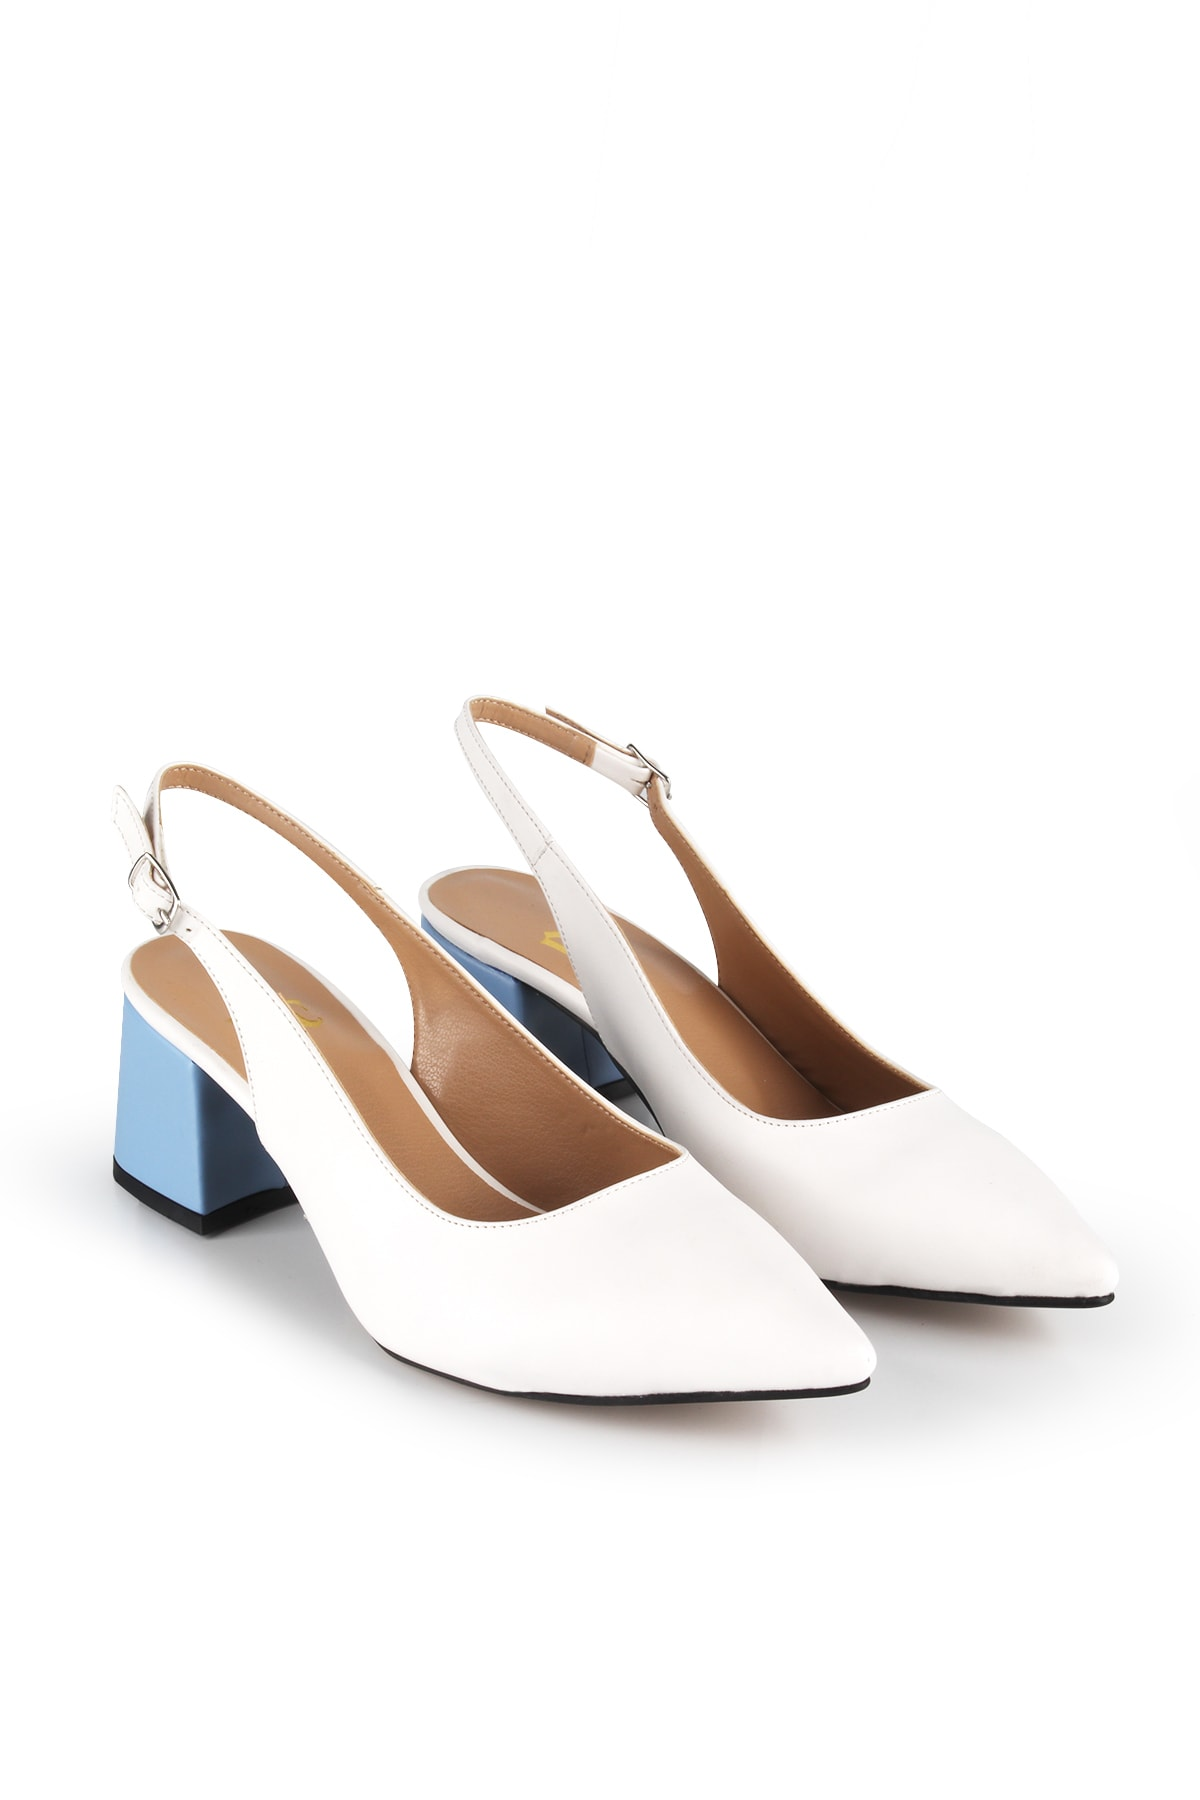 Gökhan Talay Beyaz Kadın Topuklu Arkası Açık Ayakkabı 2